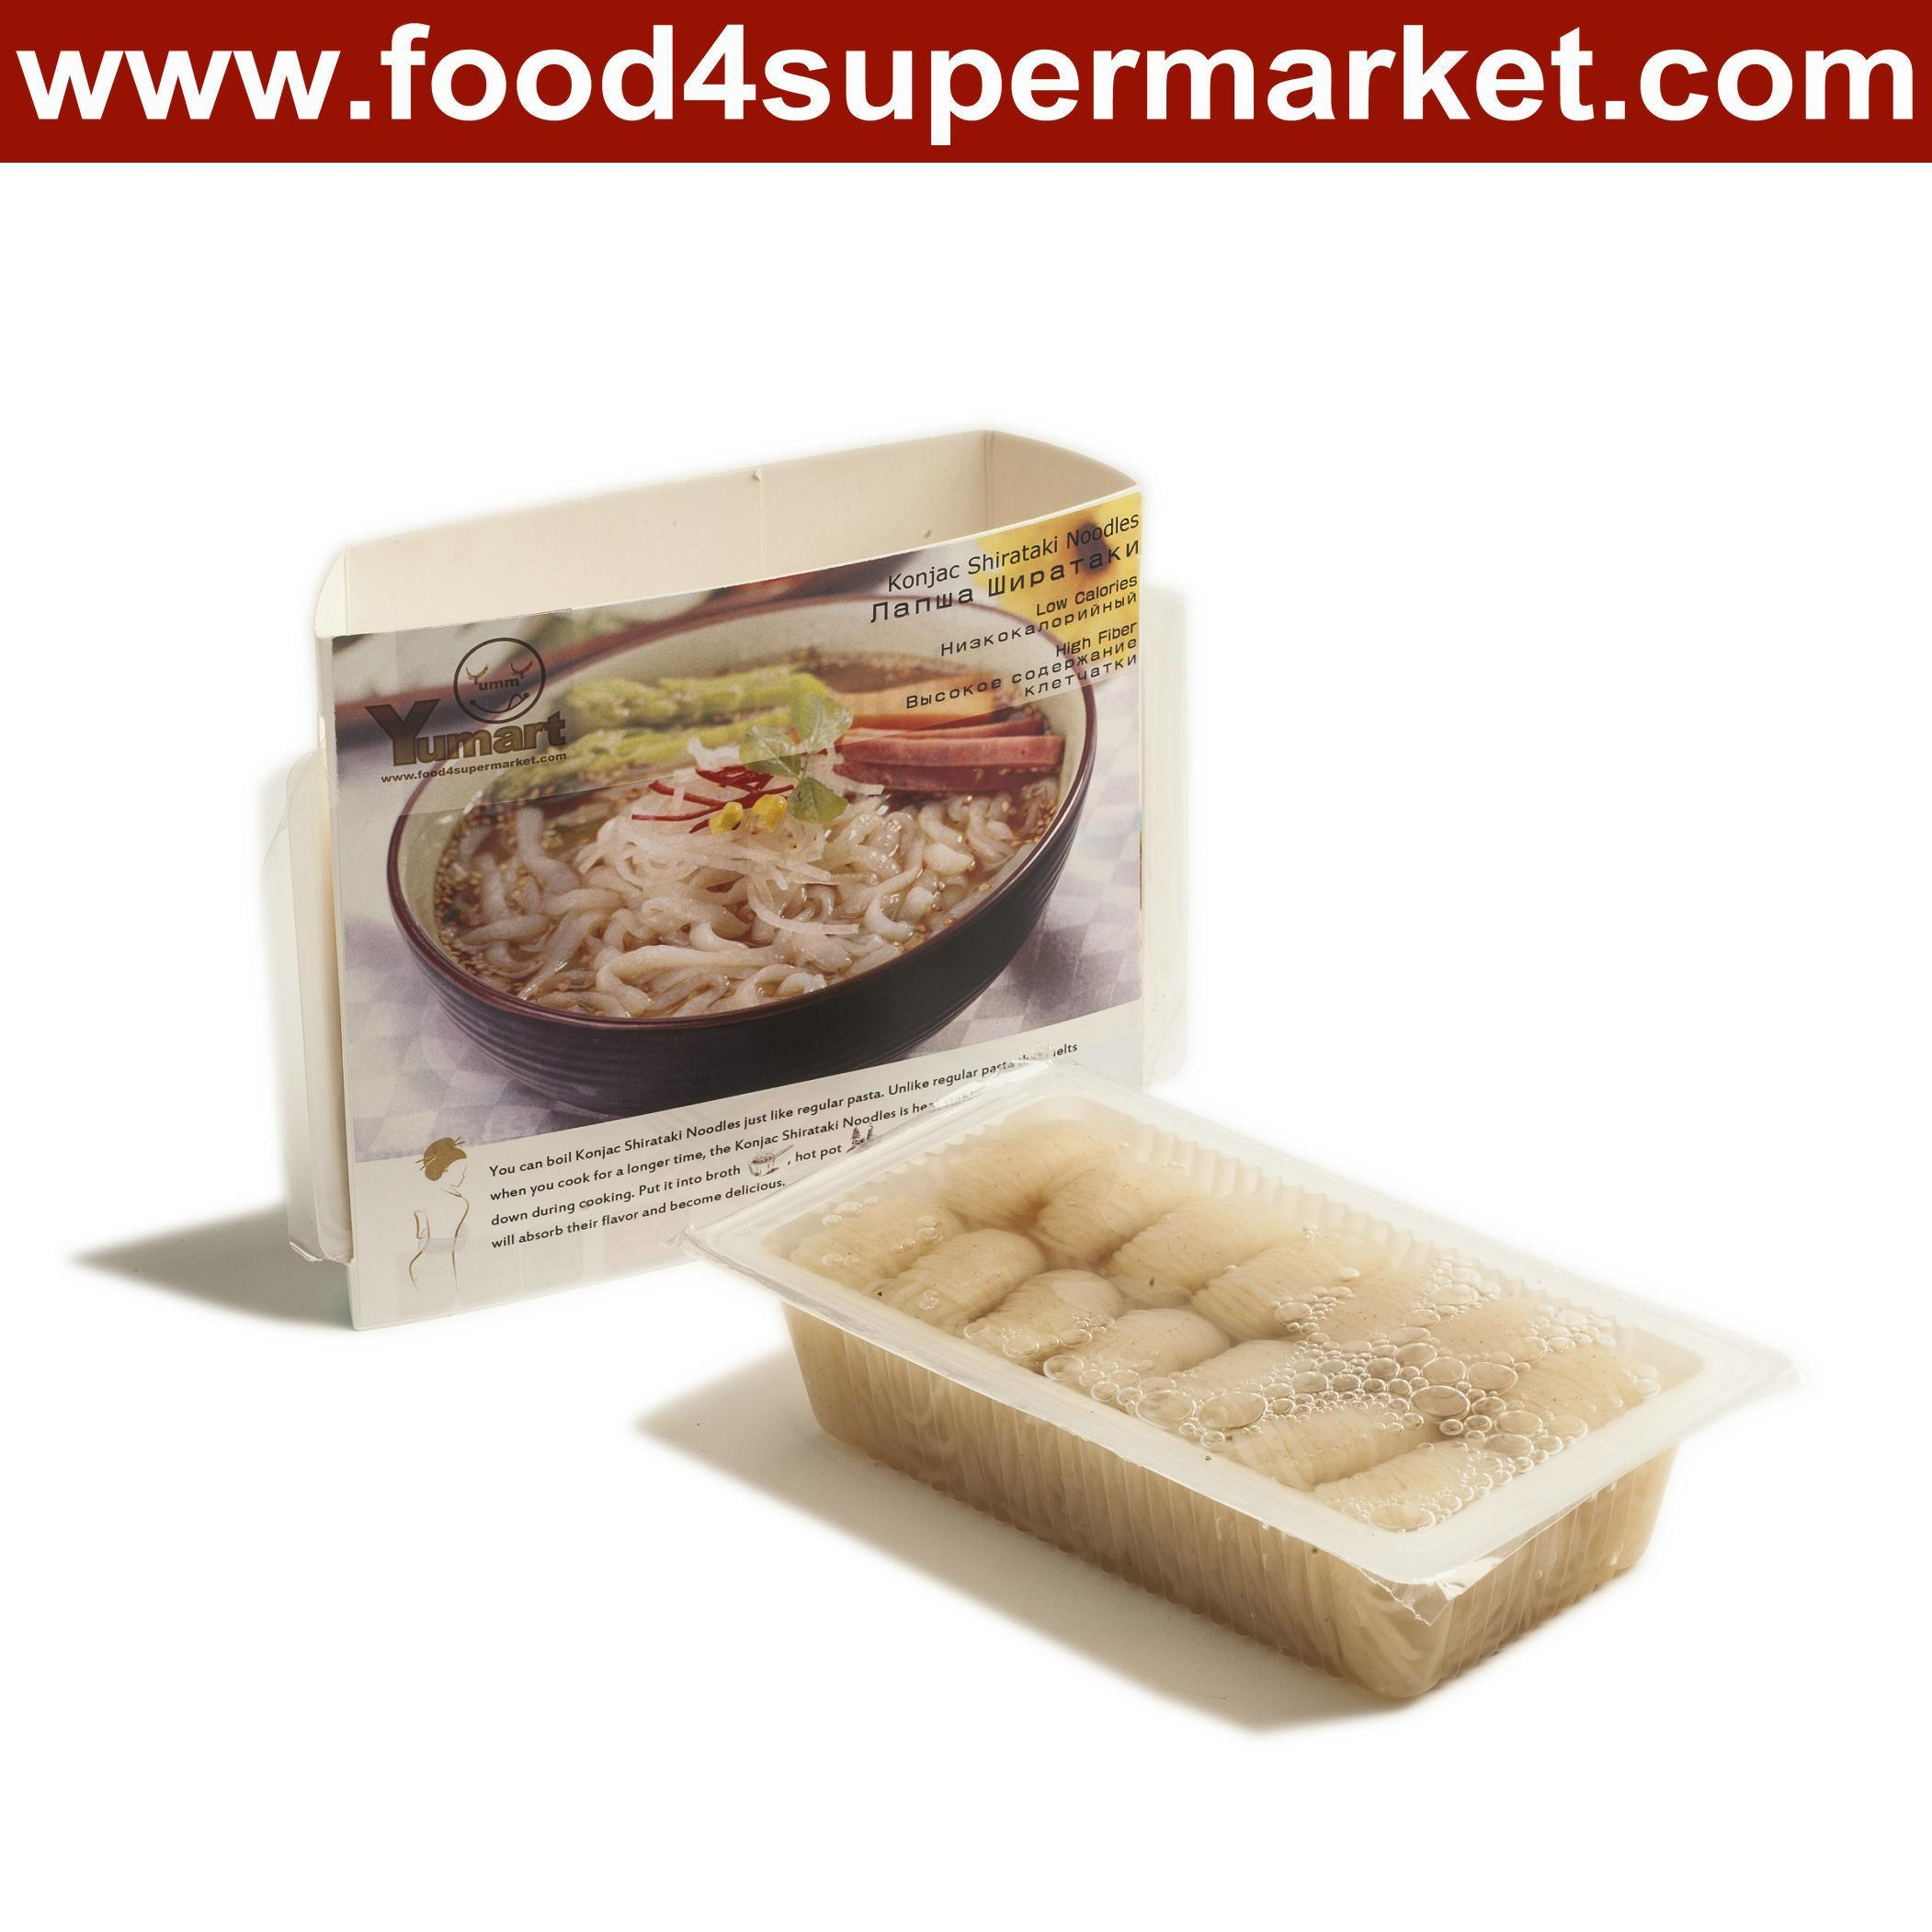 Low Calorie Shirataki Noodles Spaghetti 200g in Plastic Bag Private Label